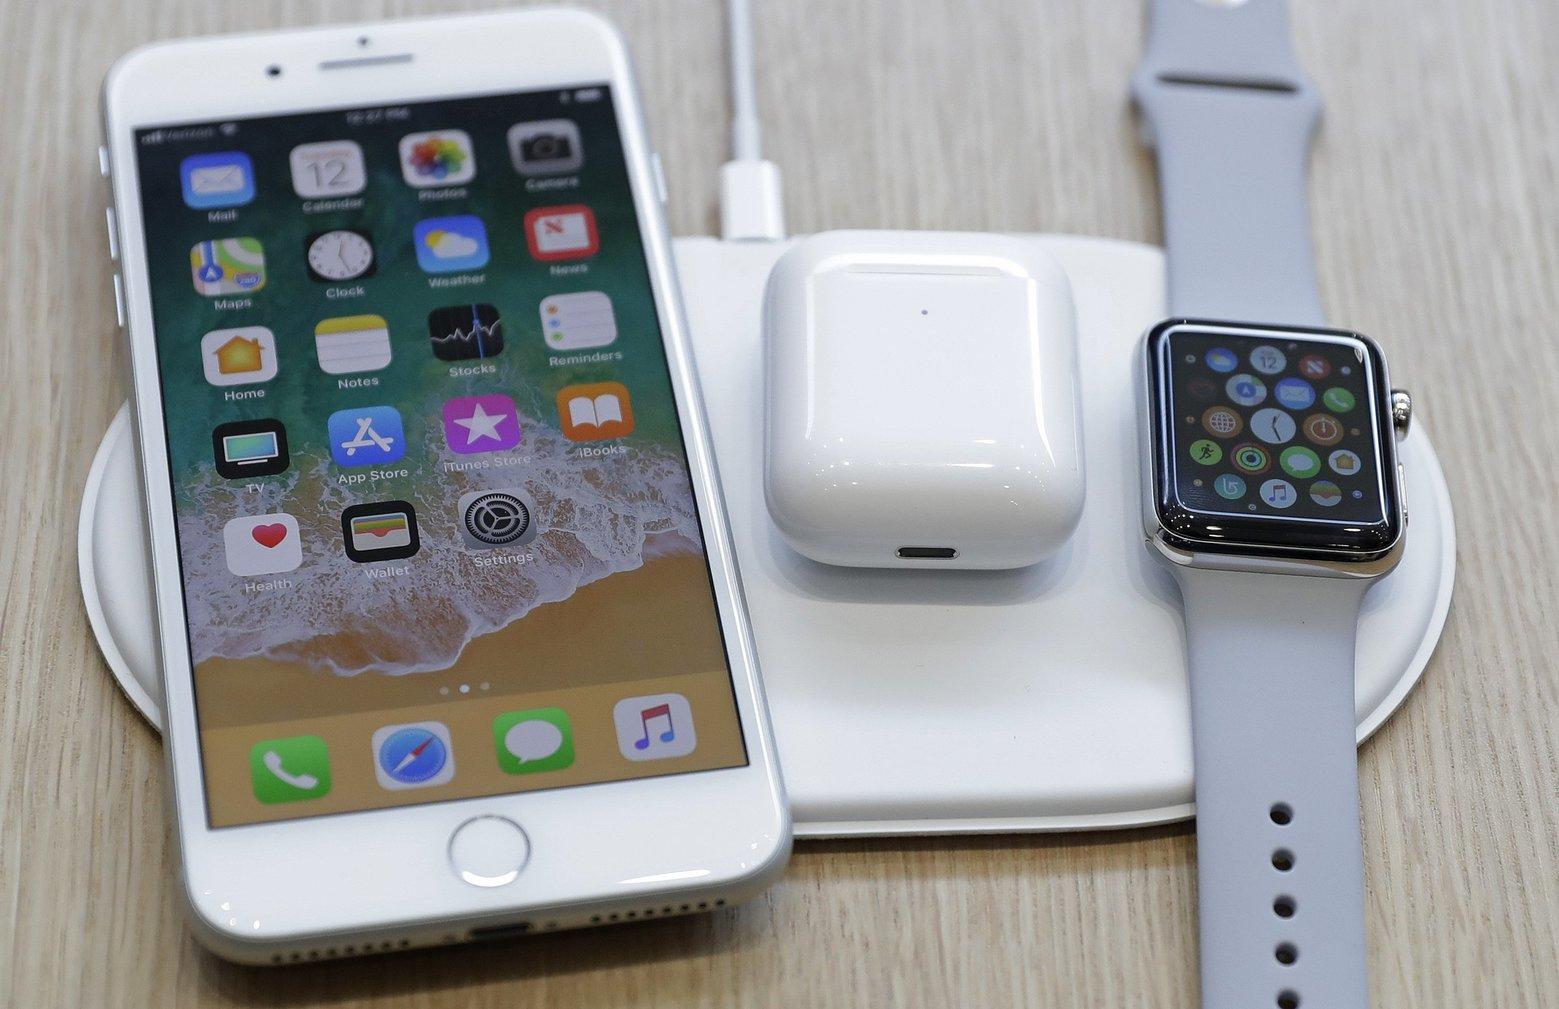 苹果公司证实,将无法如期推出外界期待已久的无线充电器AirPower。 美联社图片